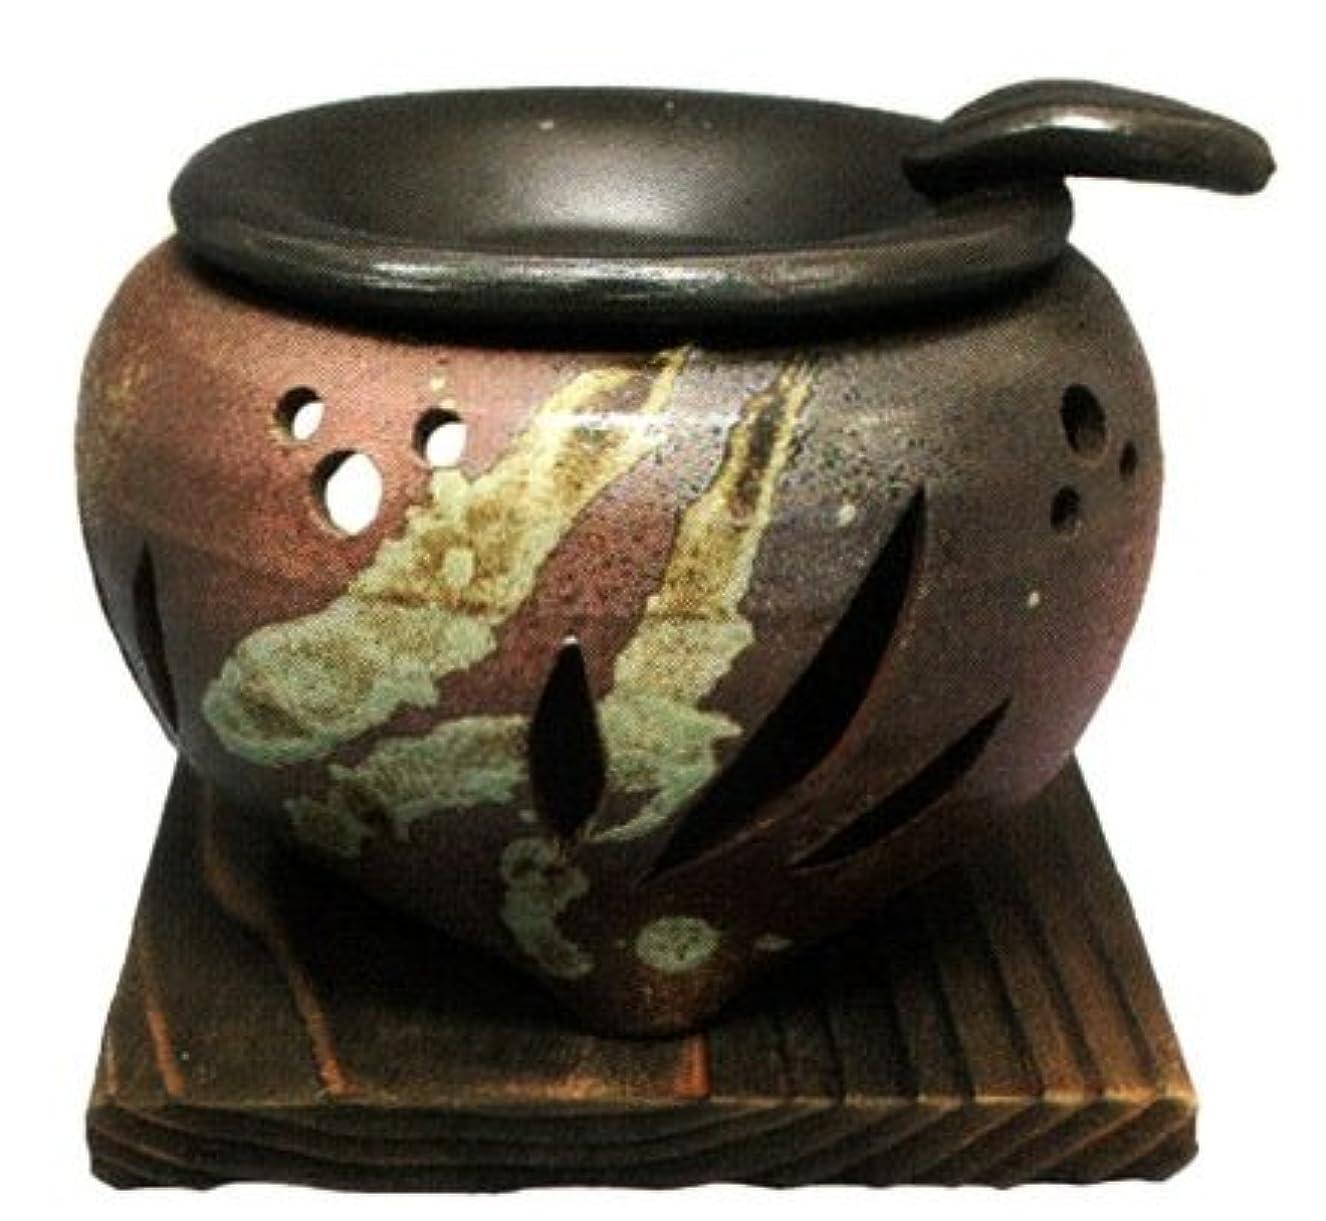 却下する半径シェルター常滑焼?山房窯 カ39-04 茶香炉 杉板付 約φ11.5×9.5cm